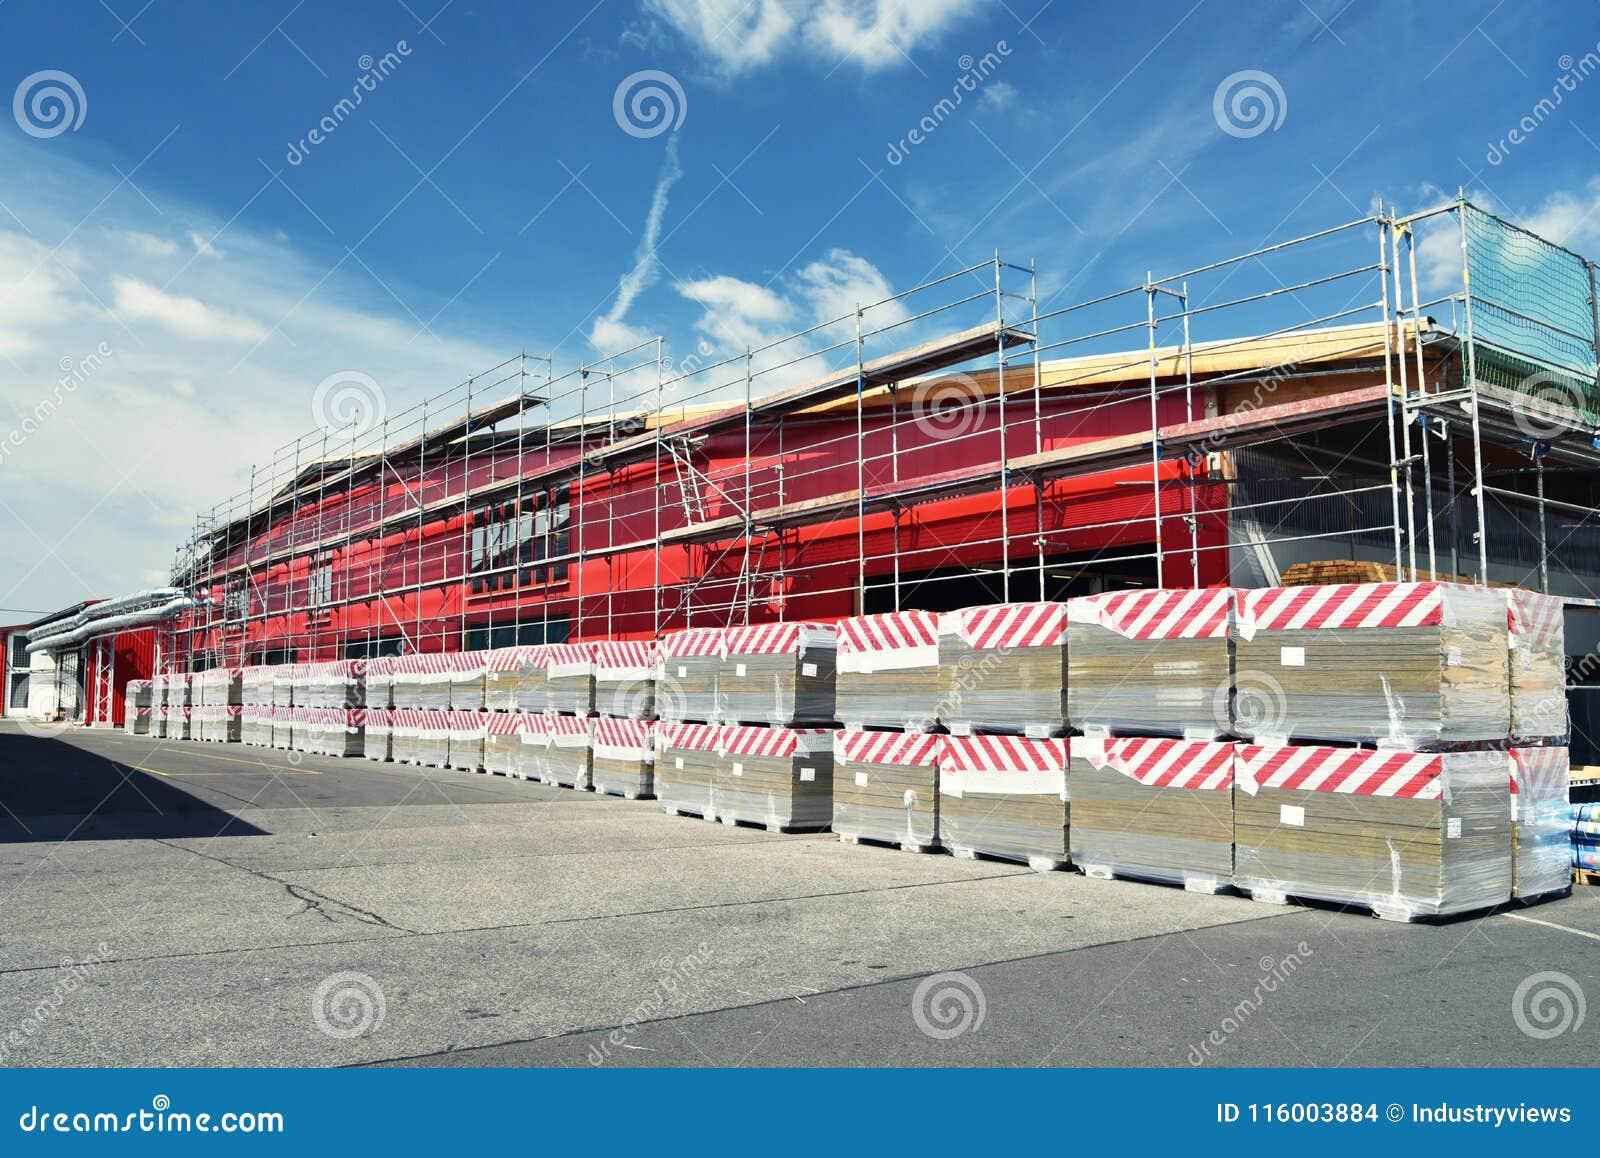 工厂设备锯木厂-工厂厂房建筑